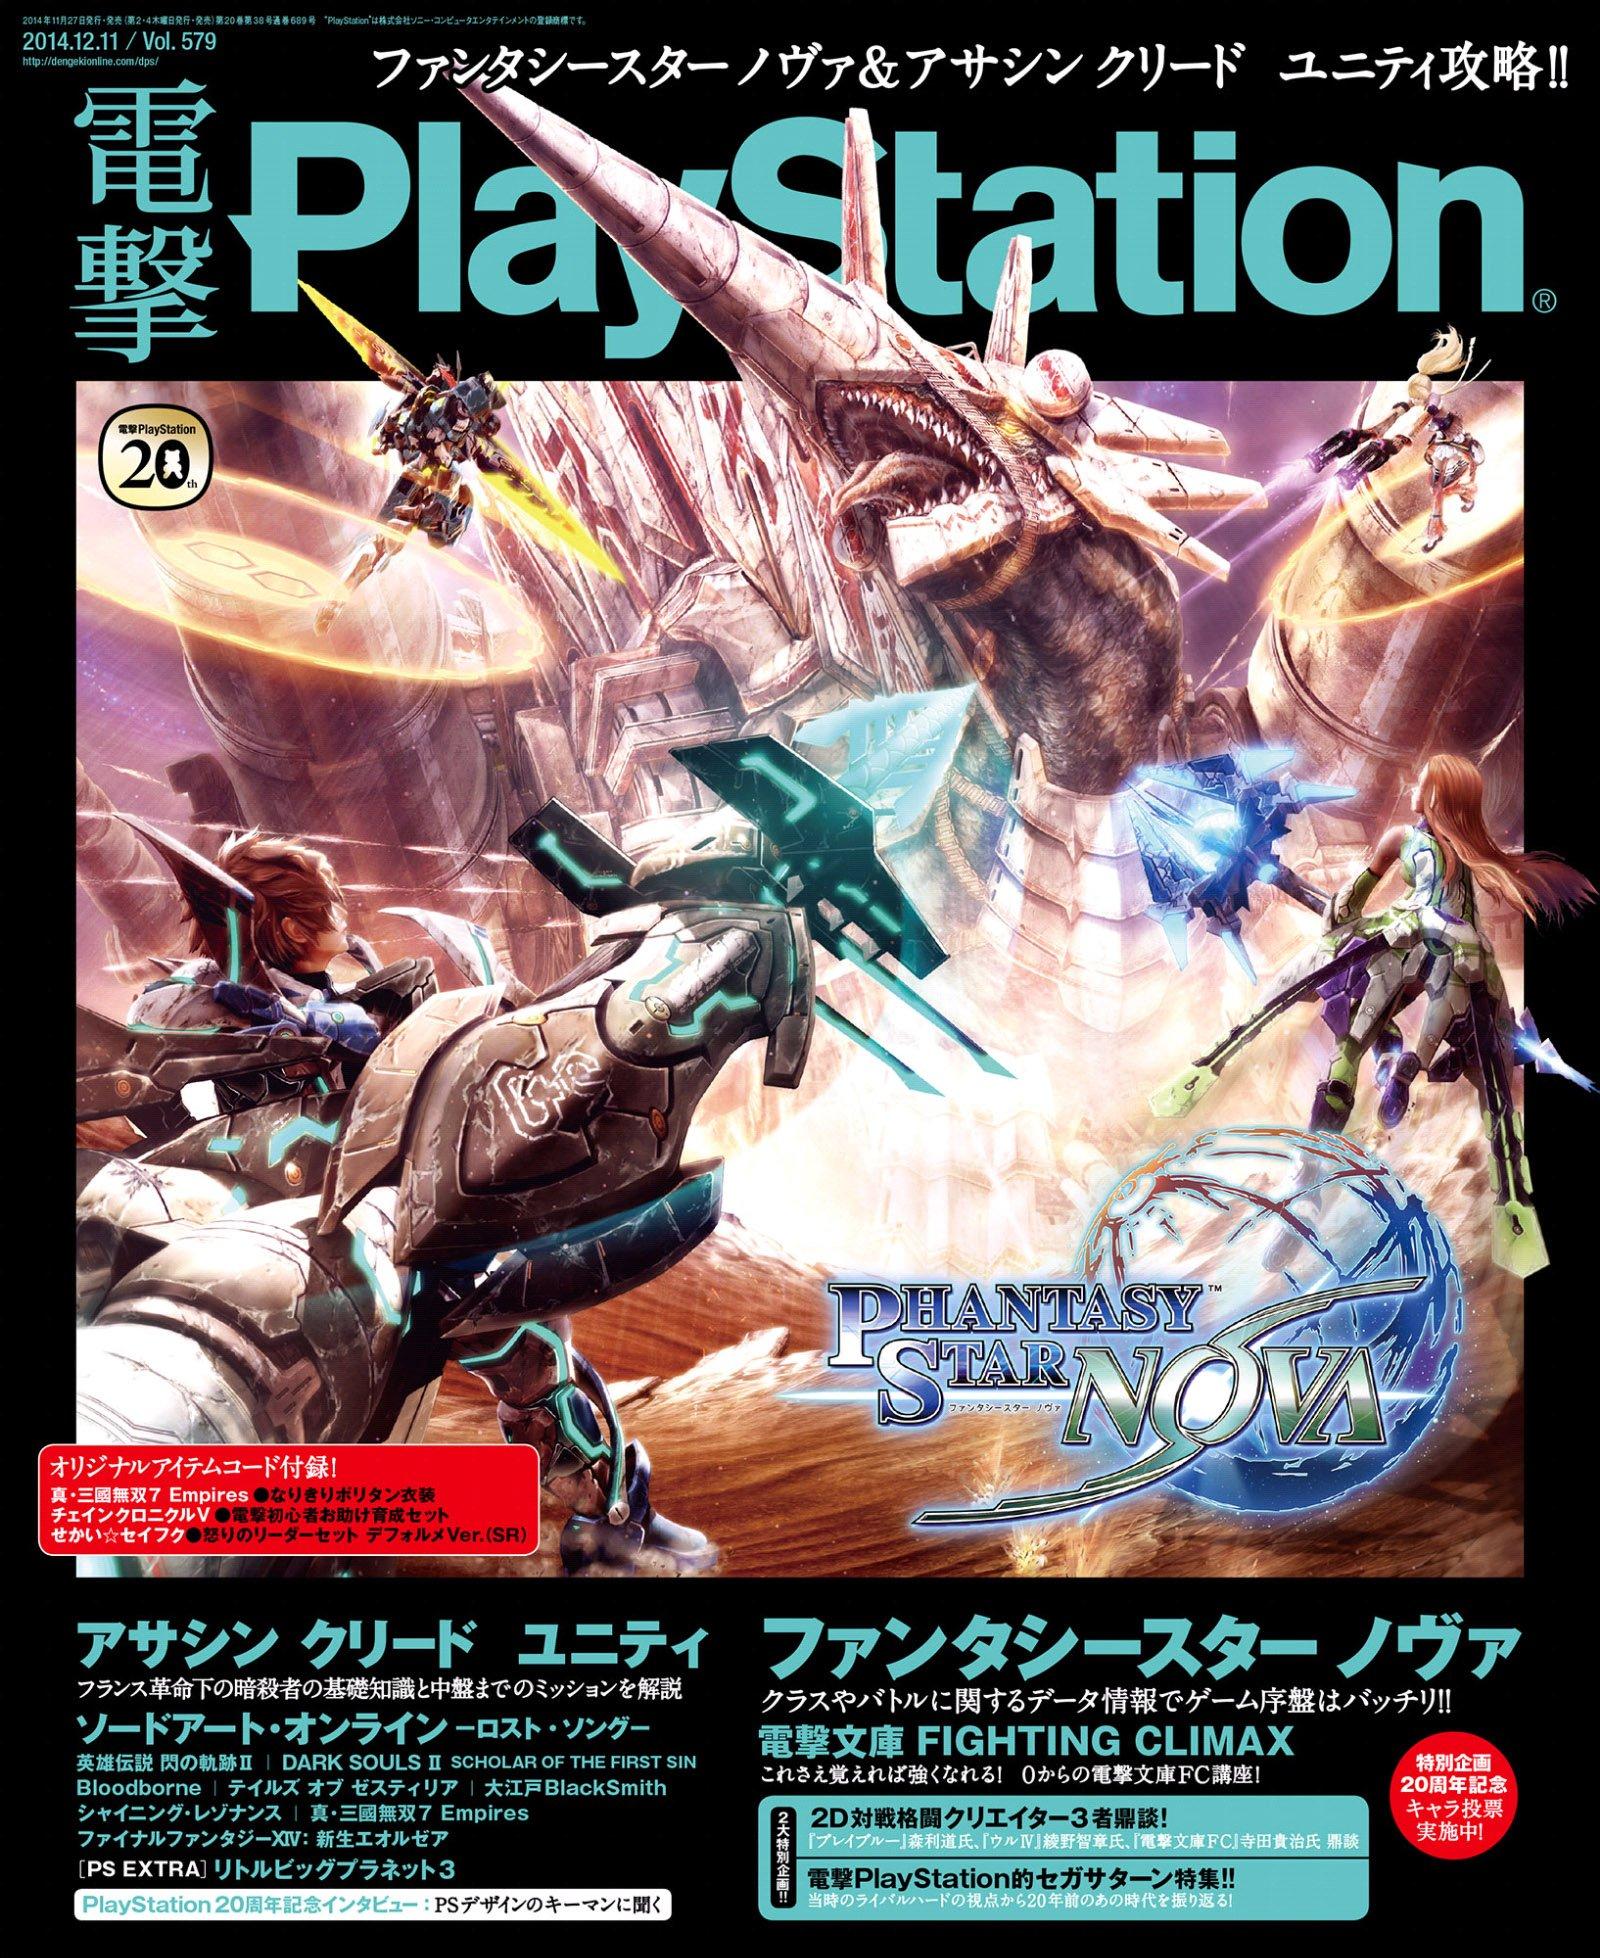 Dengeki PlayStation 579 (December 11, 2014)